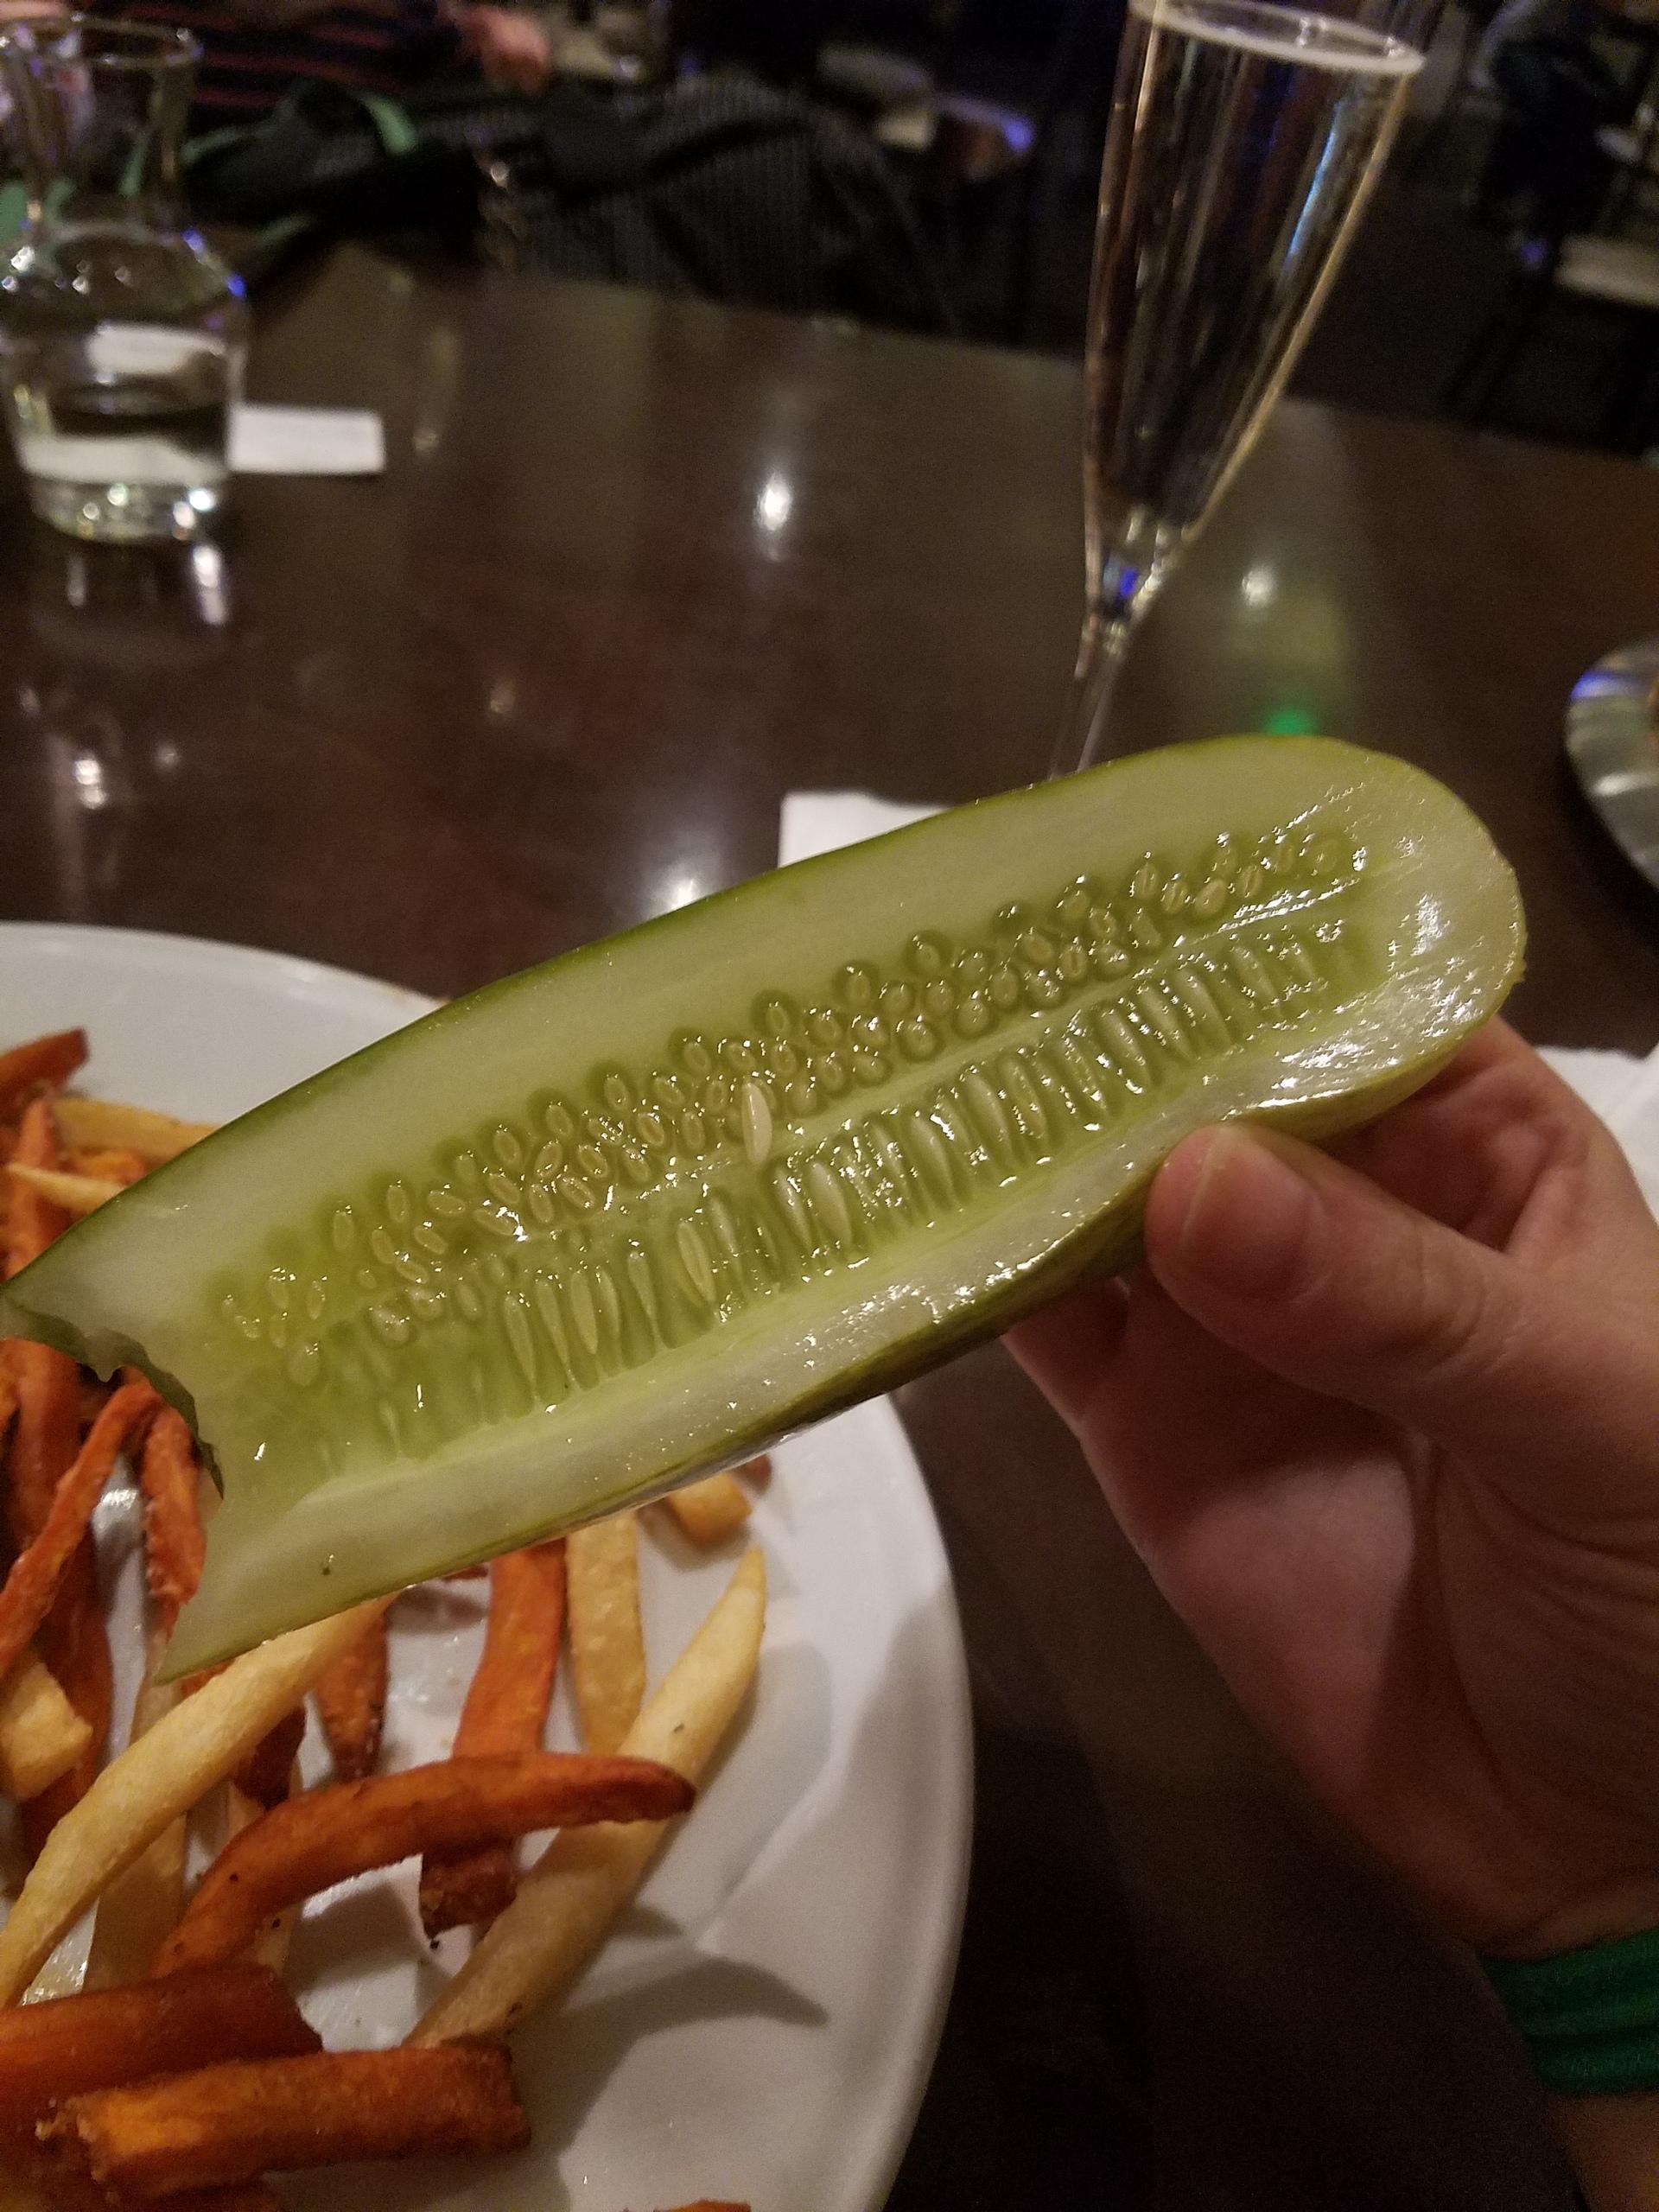 eating a pickle | elise81, adult, food, bite